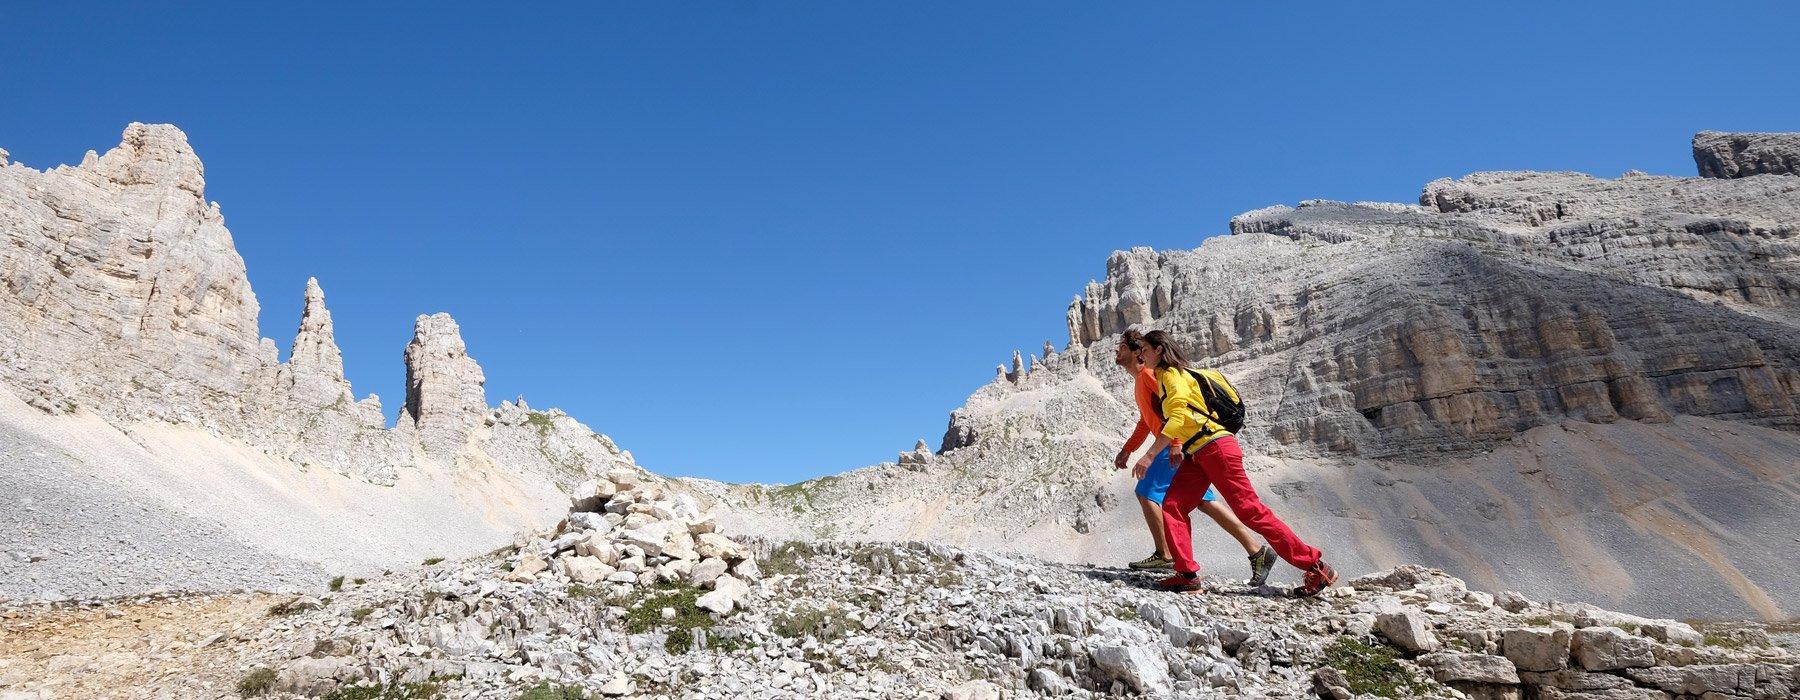 trekking-completo del latemar val di fiemme trentino alto adige